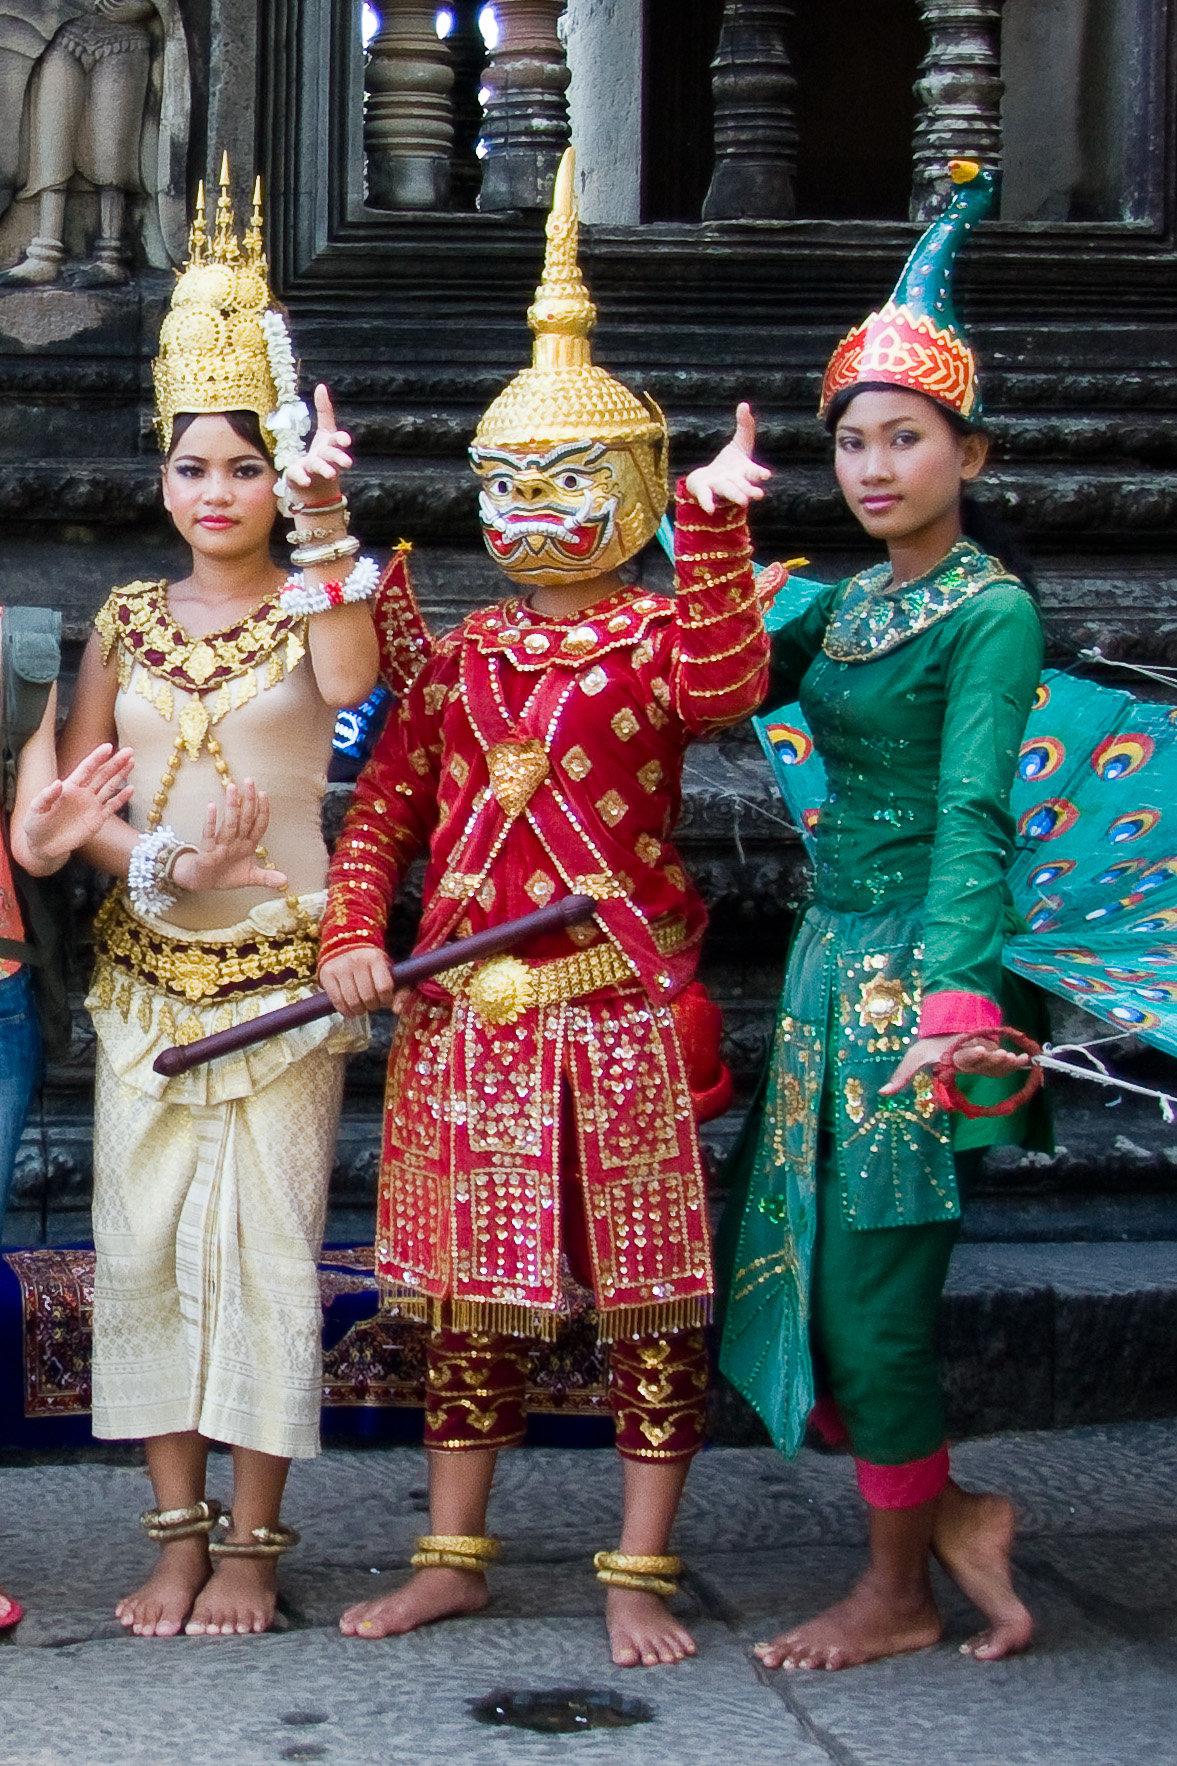 палевая палевые фото жителей камбоджи вас развлекательная